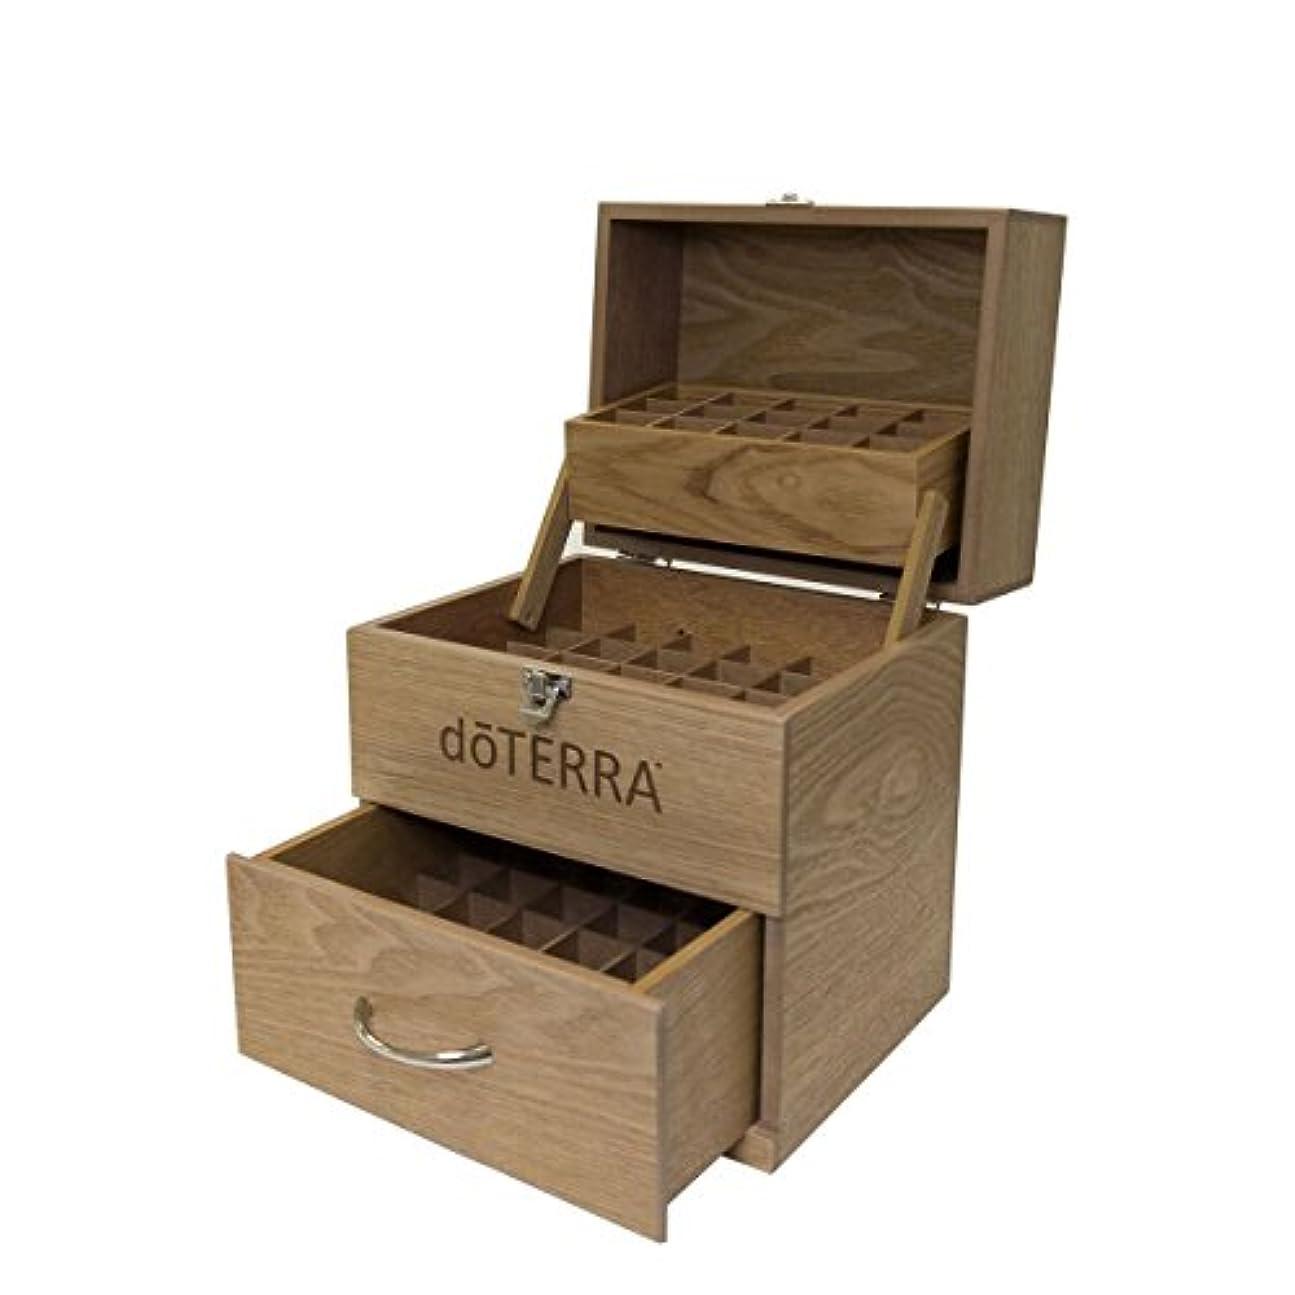 ルネッサンス偽造財政(ドテラ) doTERRA ウッドボックス ライトブラウン 窓付き 木箱 エッセンシャルオイル 精油 整理箱 3段ボックス 75本